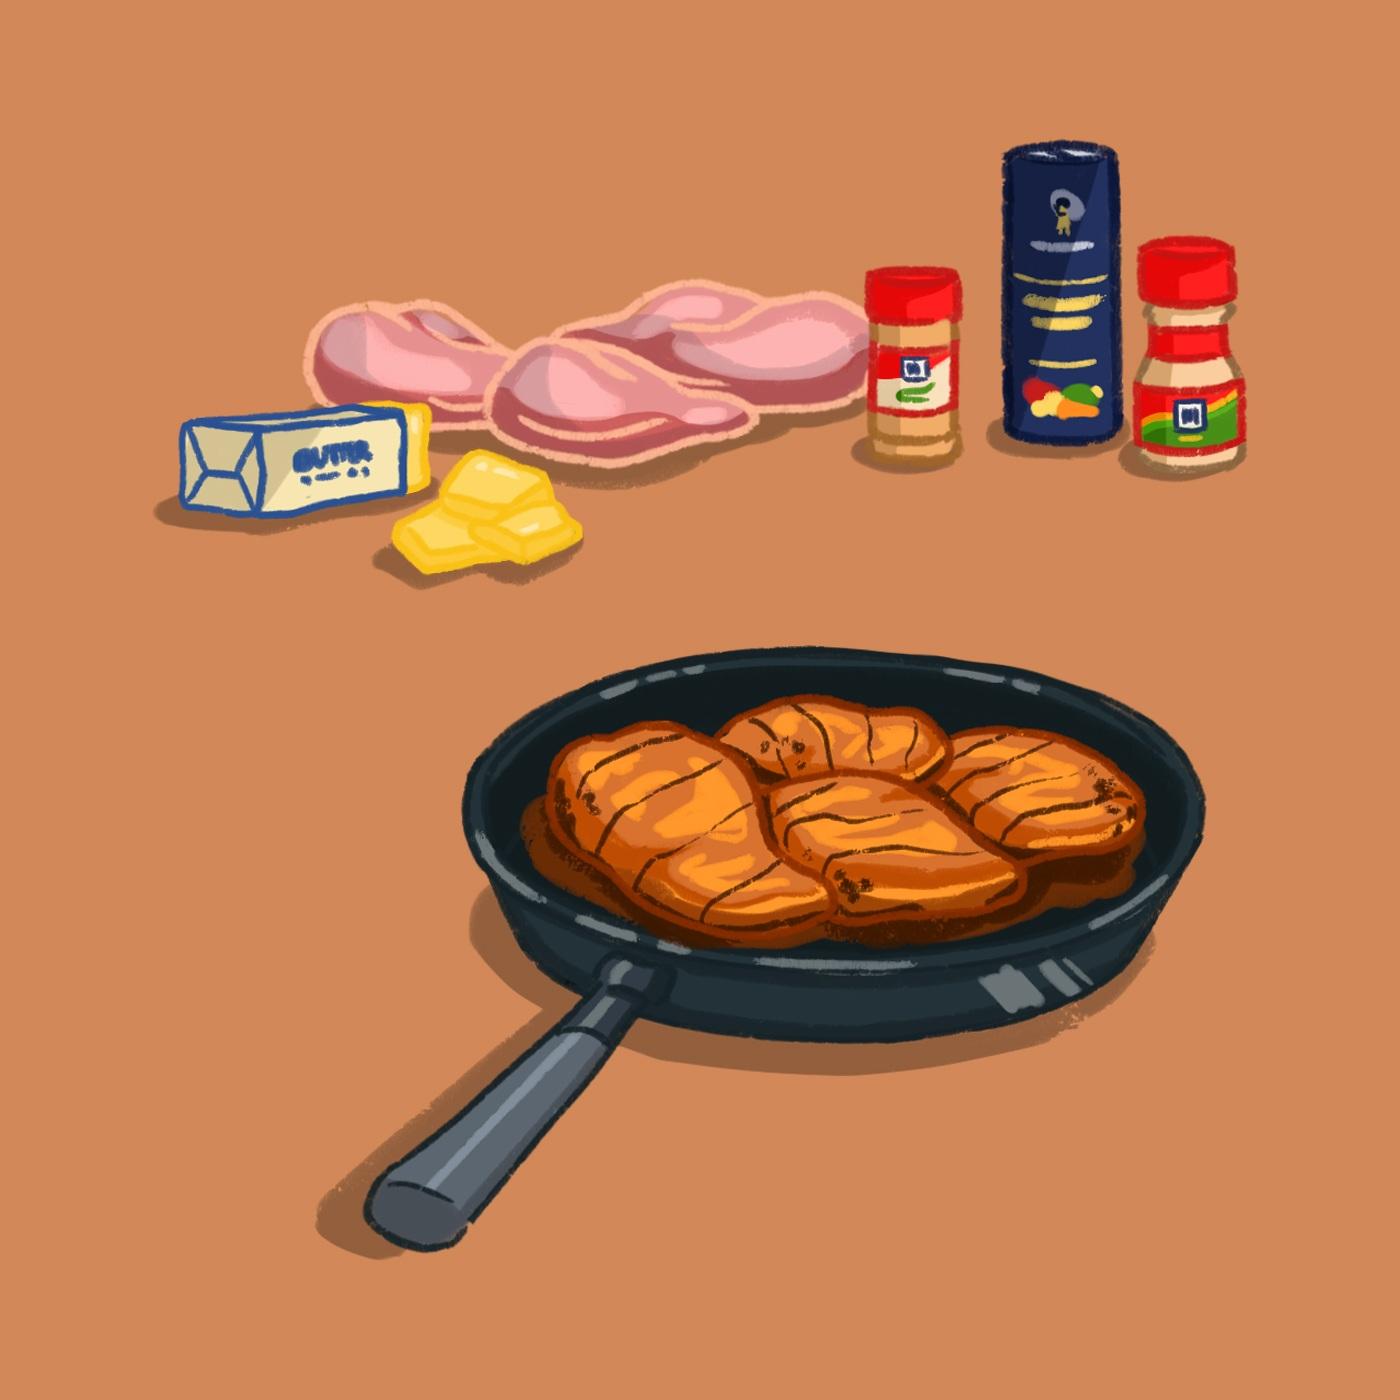 foodle_6_v2.jpg